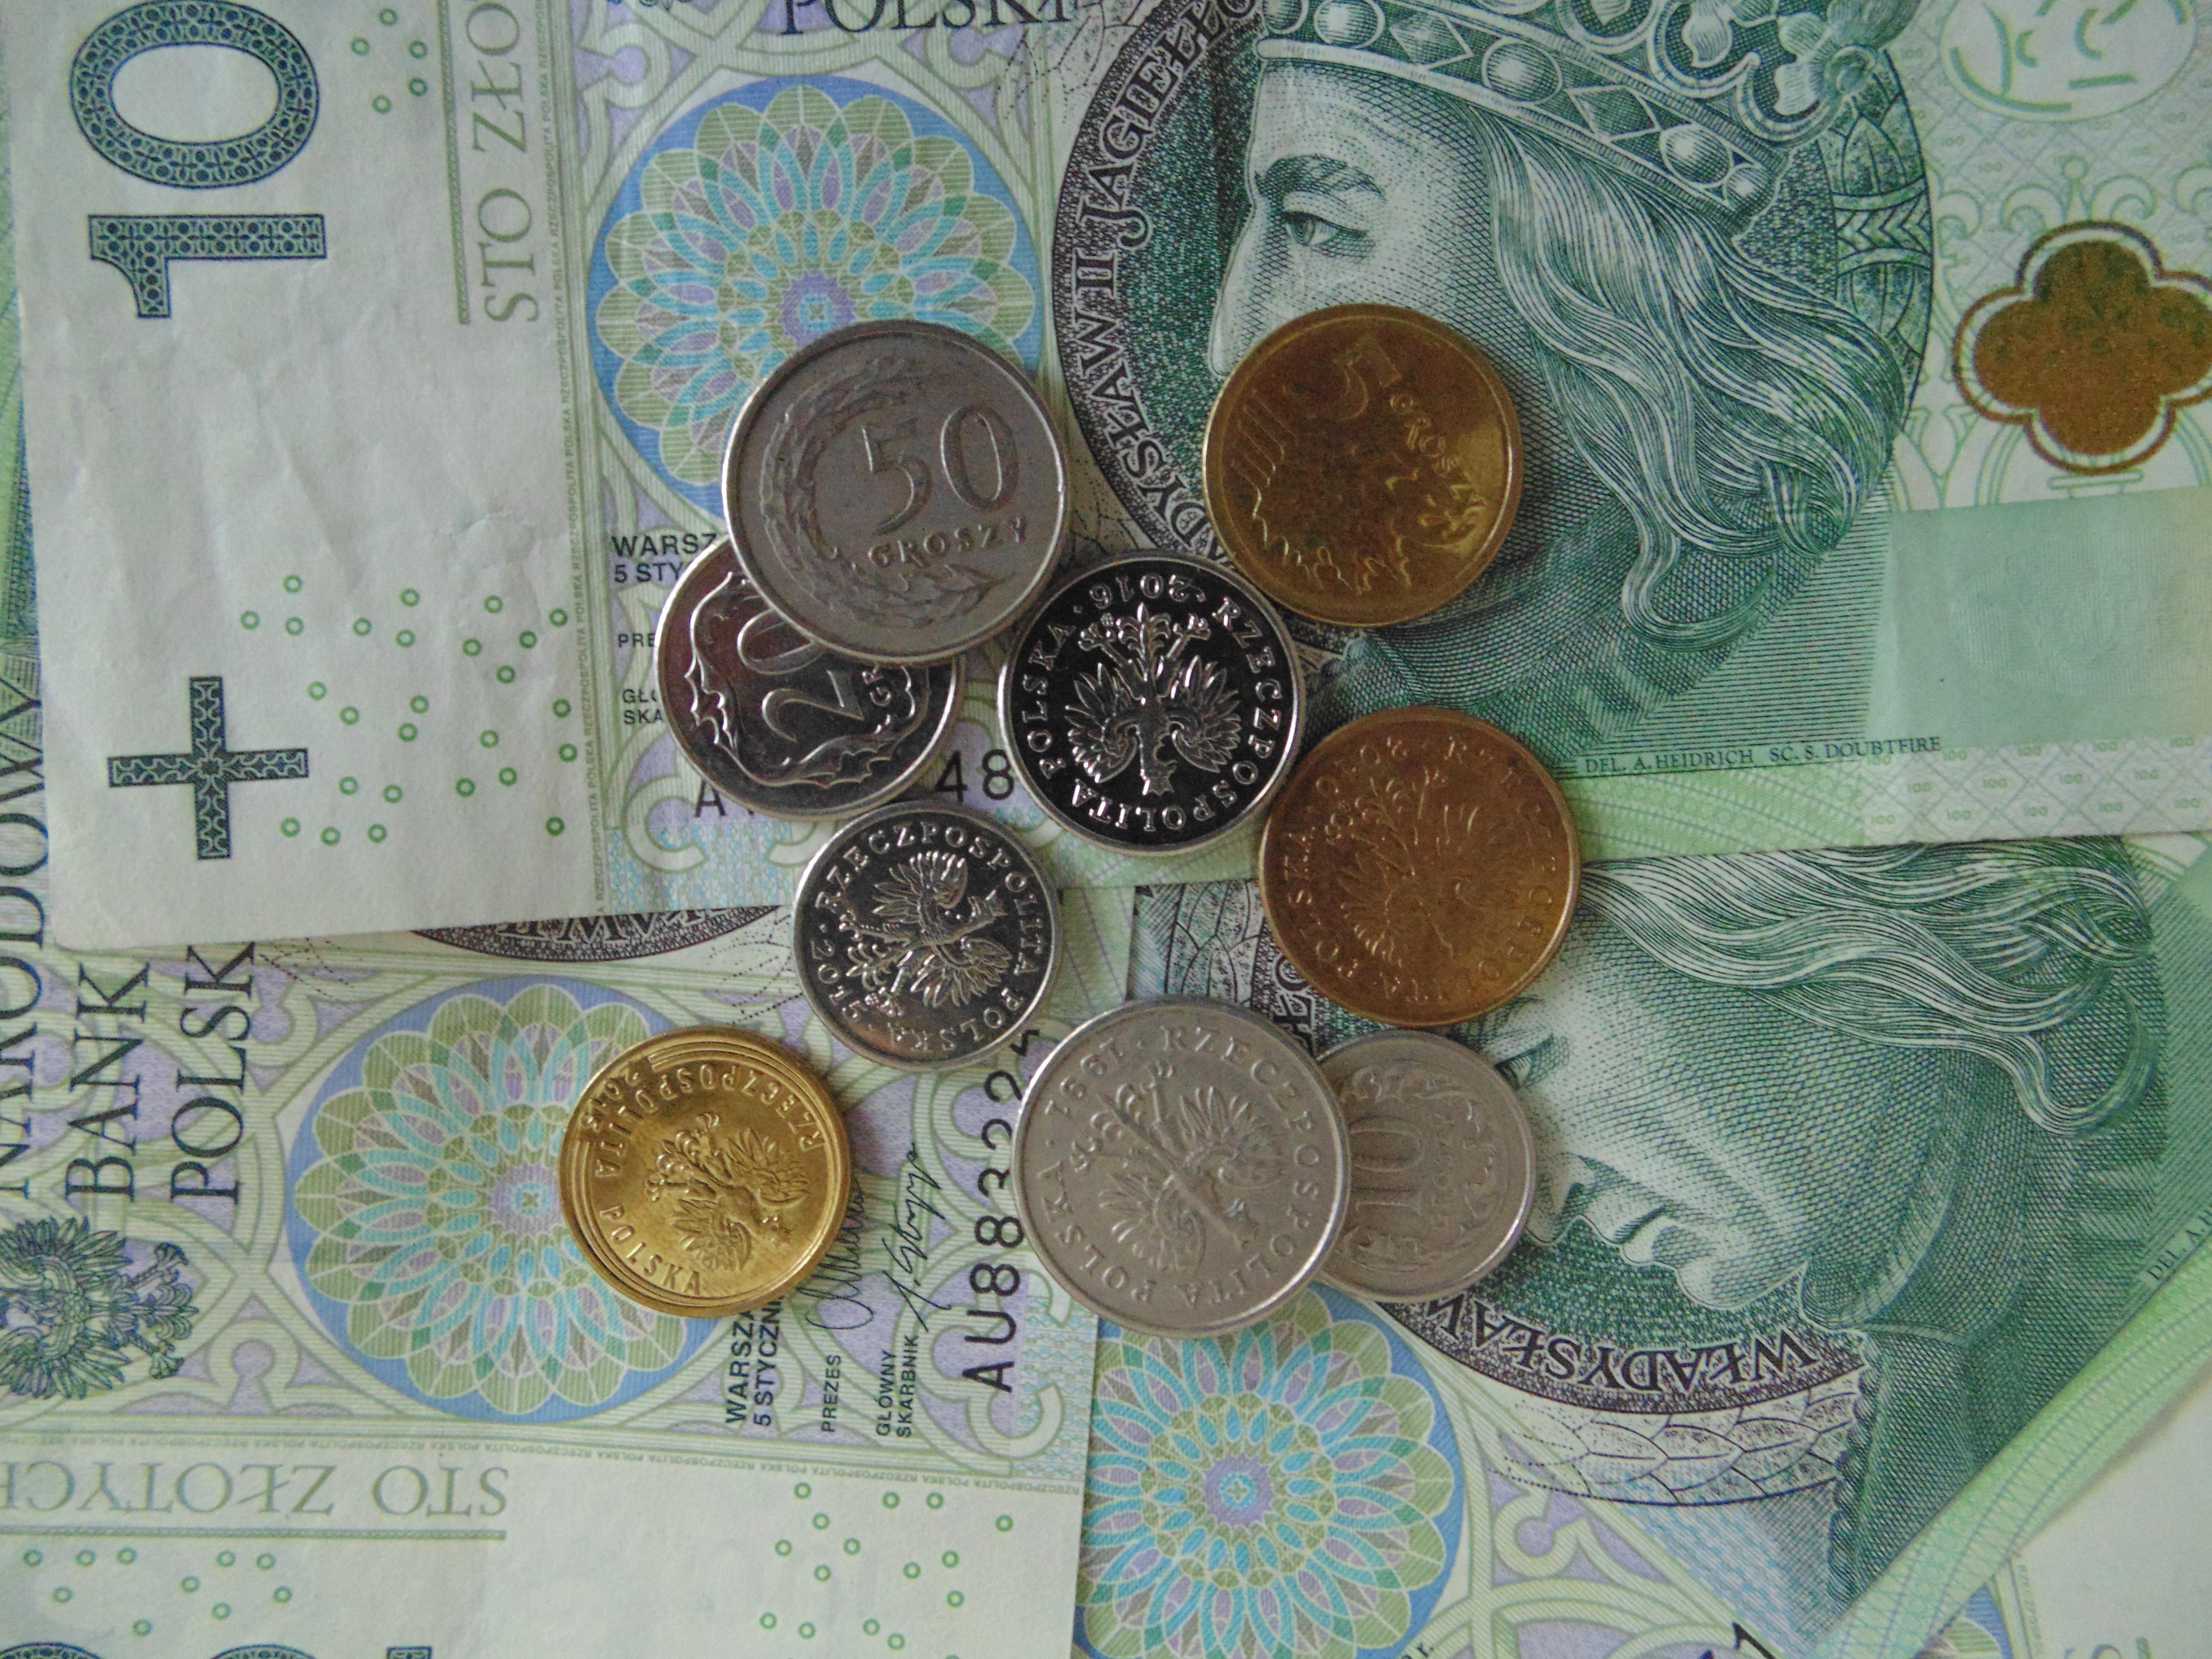 элементами картинки с денежными купюрами и монетами чем углубляться тему